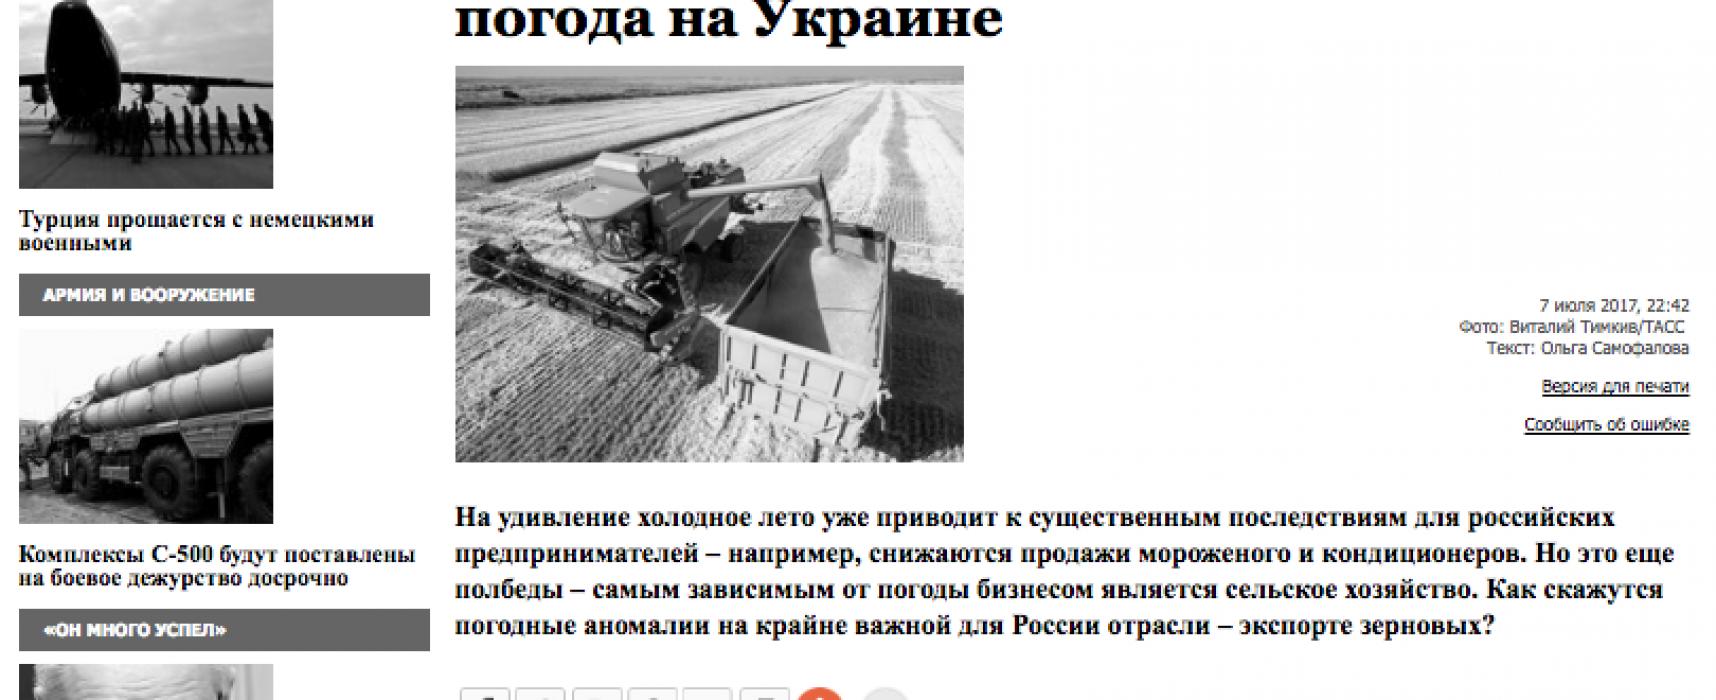 Фейк: Из-за сокращения урожая зерновых в Украине выиграют российские крестьяне